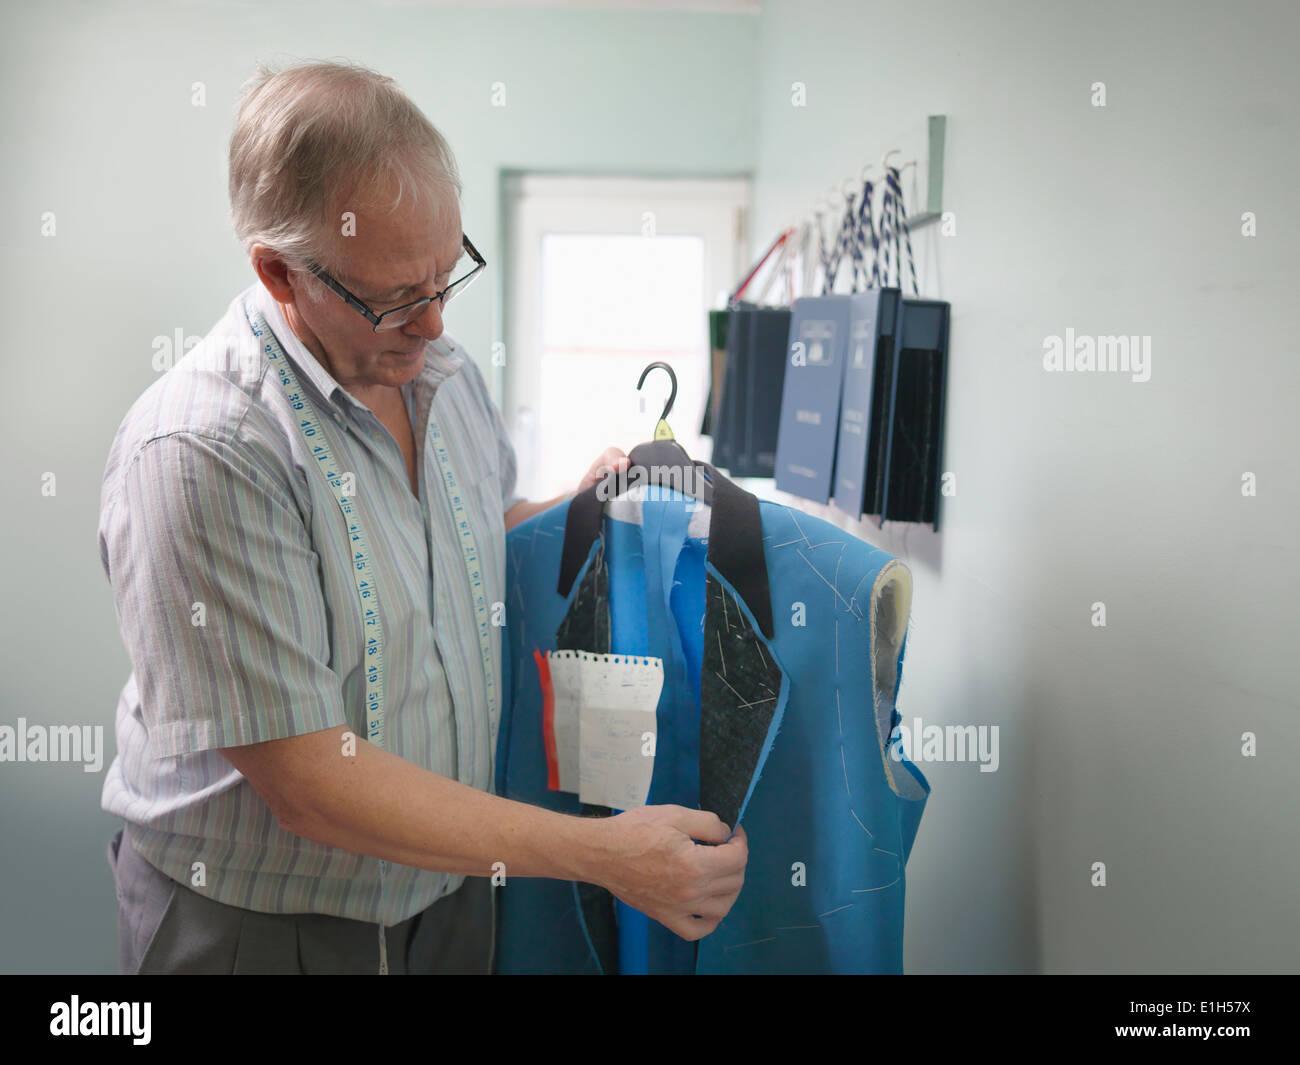 L'inspection dans l'adaptation sur mesure des vêtements d'usine Photo Stock